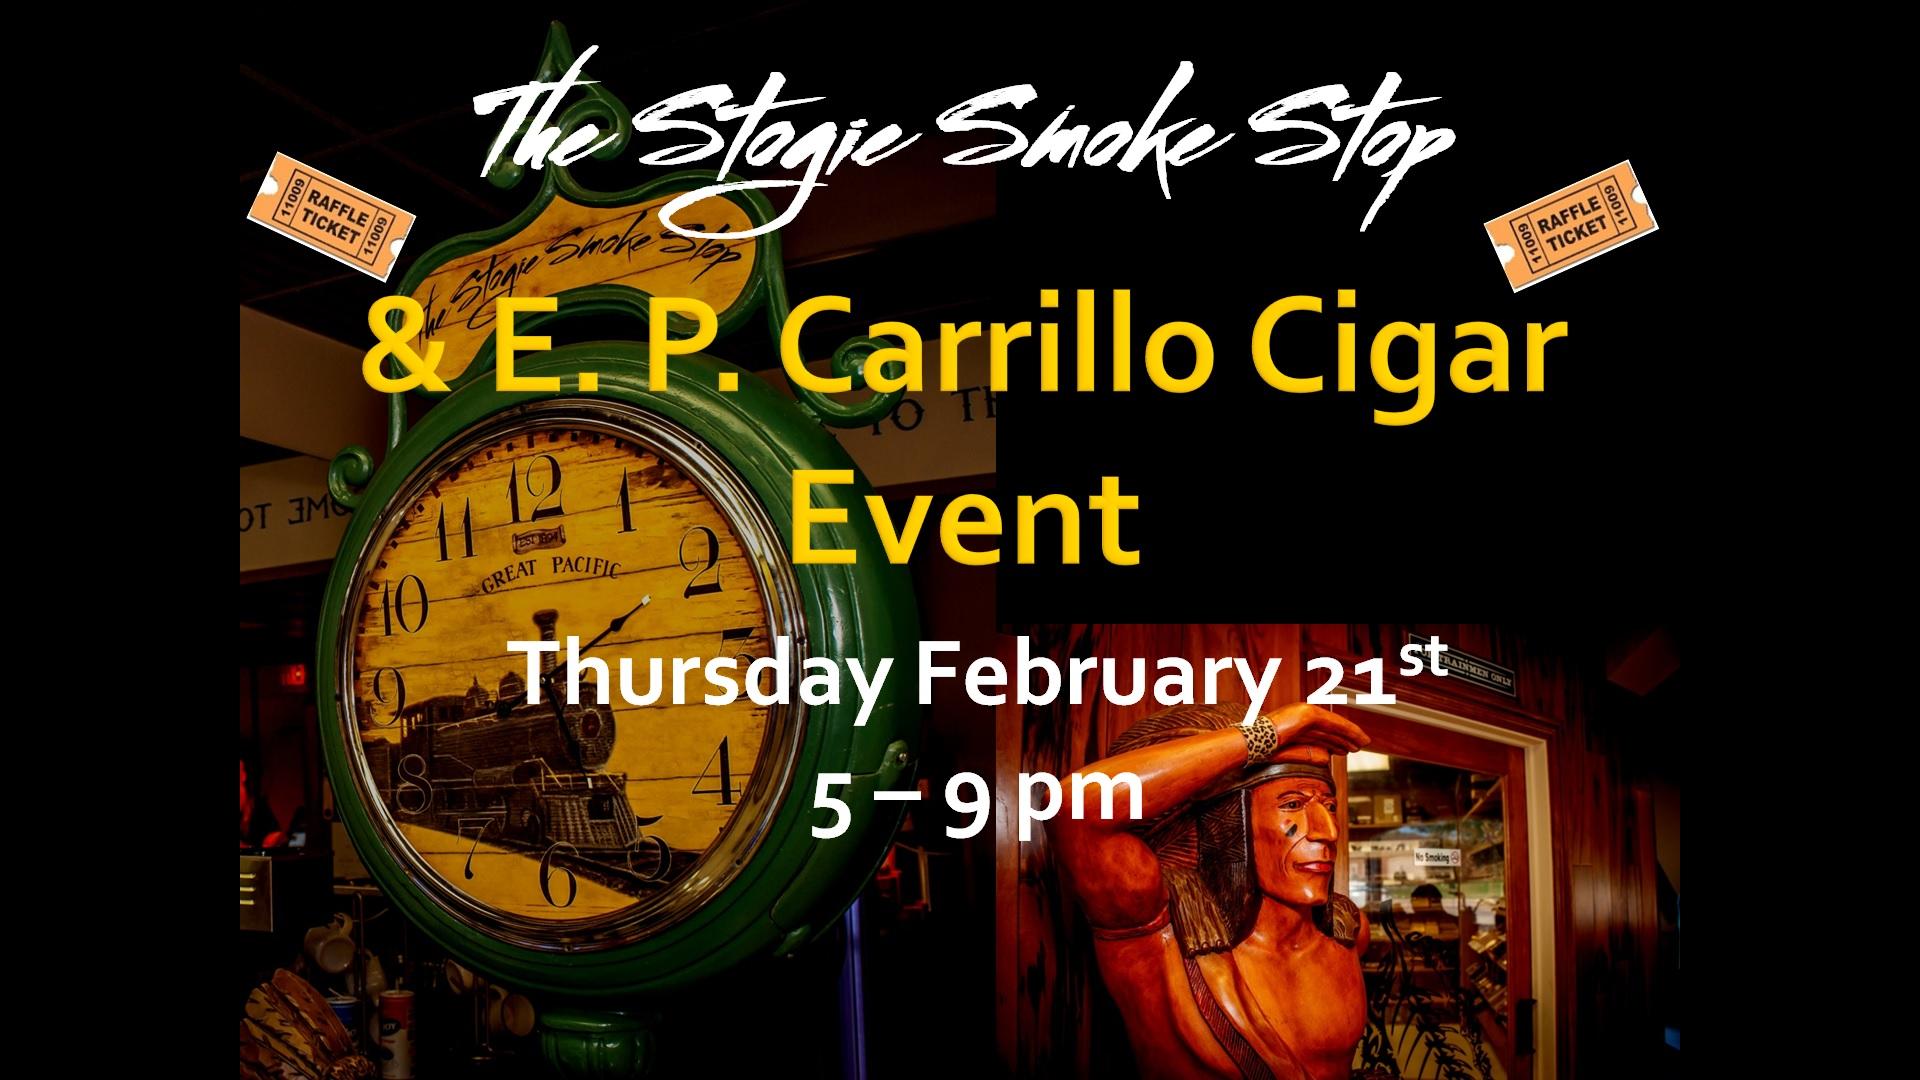 E. P. Carrillo Cigar Event